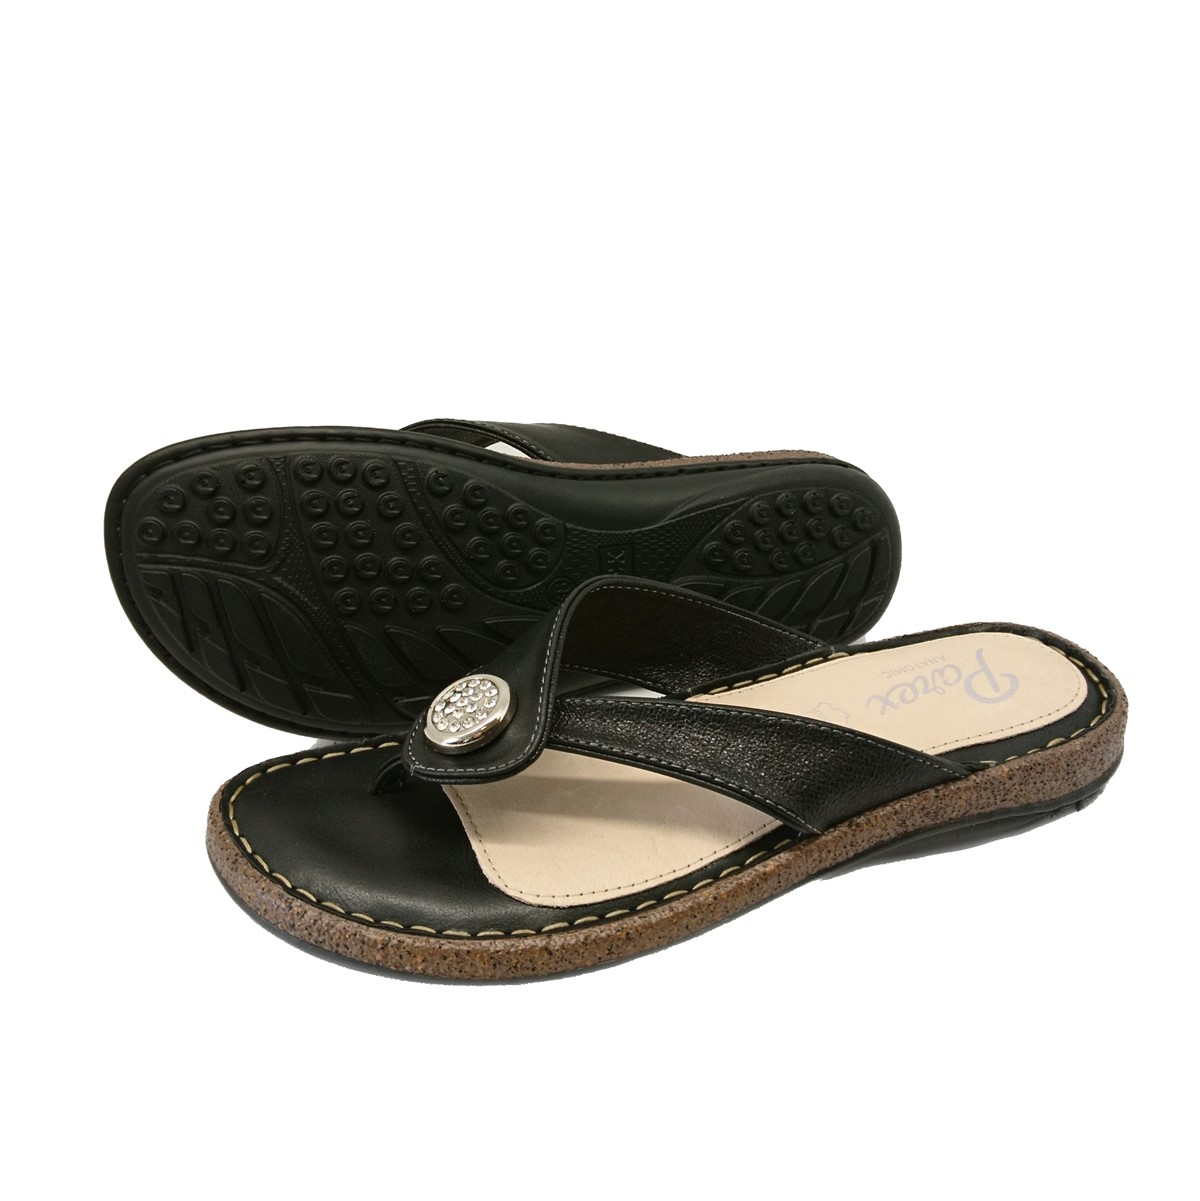 Γυναικείες Σαγιονάρες Comfort Parex 122-19-002.B Μαύρο